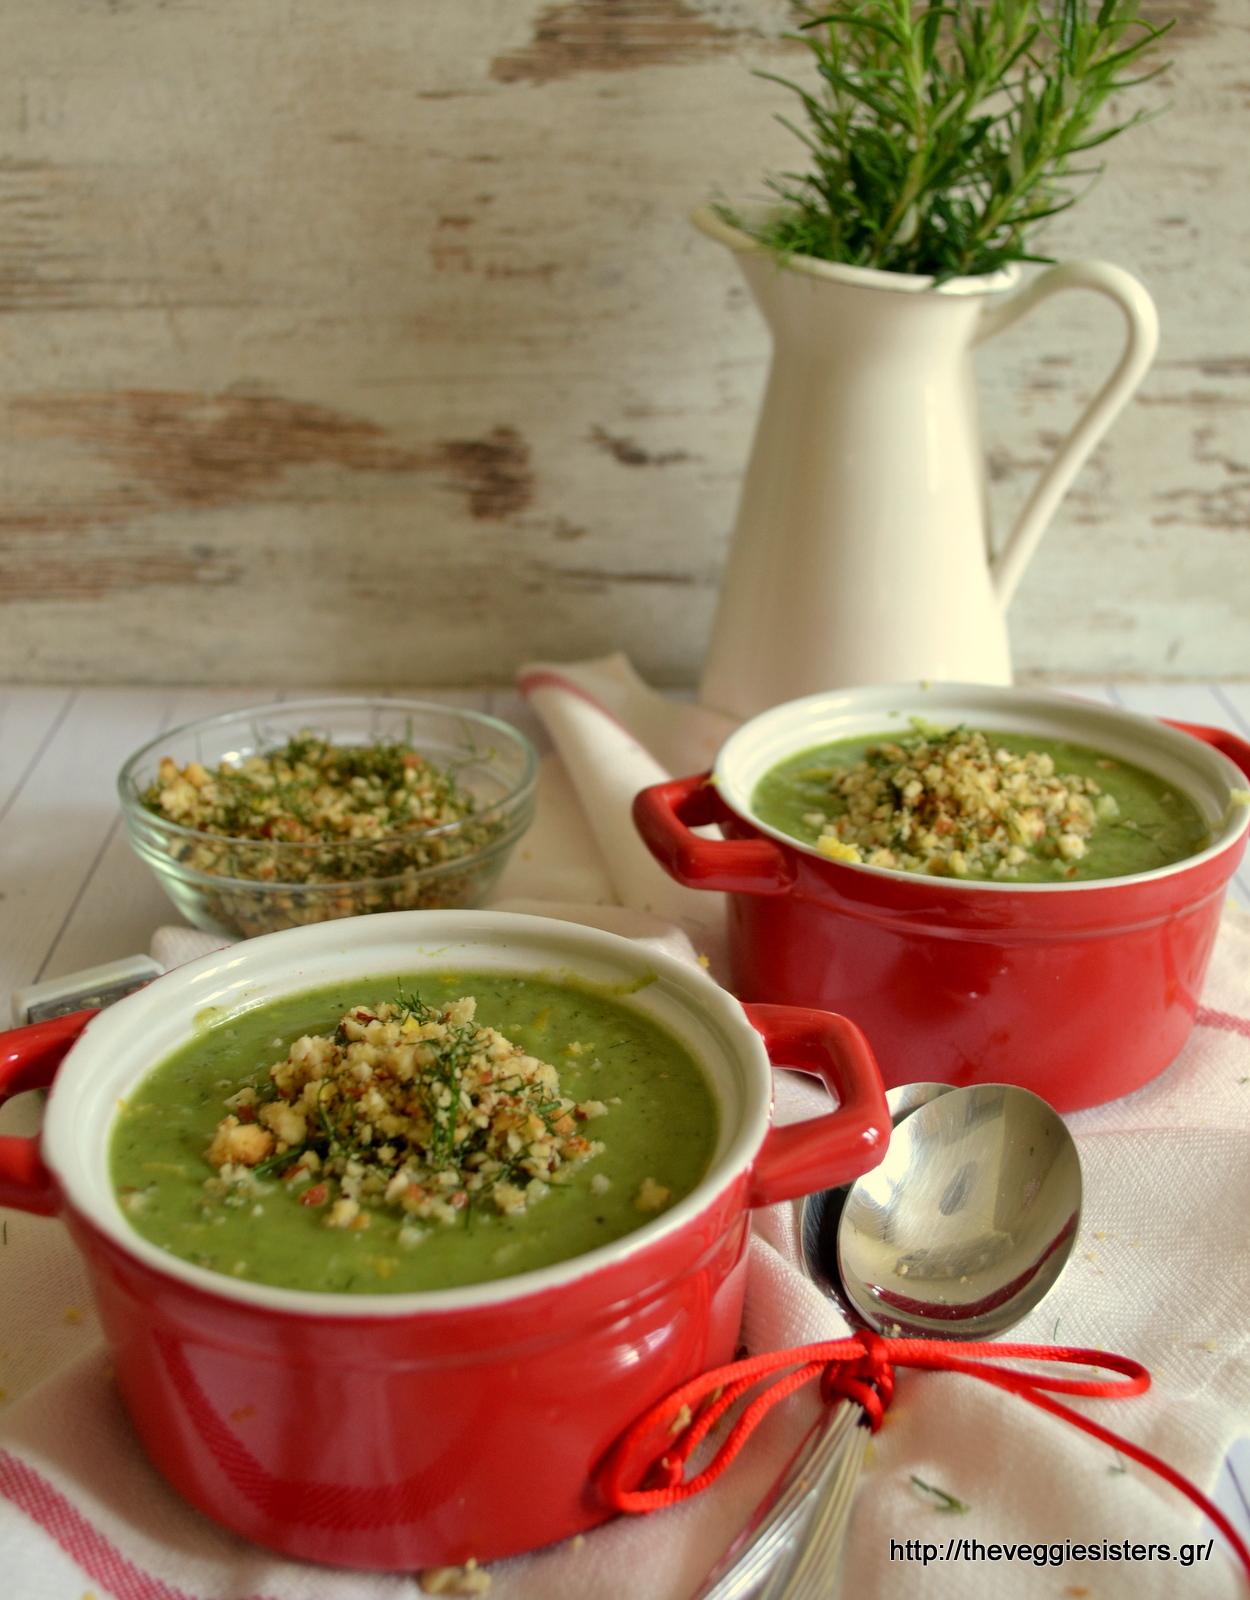 Σούπα βελουτέ με αρακά κ ψίχουλα αμυγδάλου